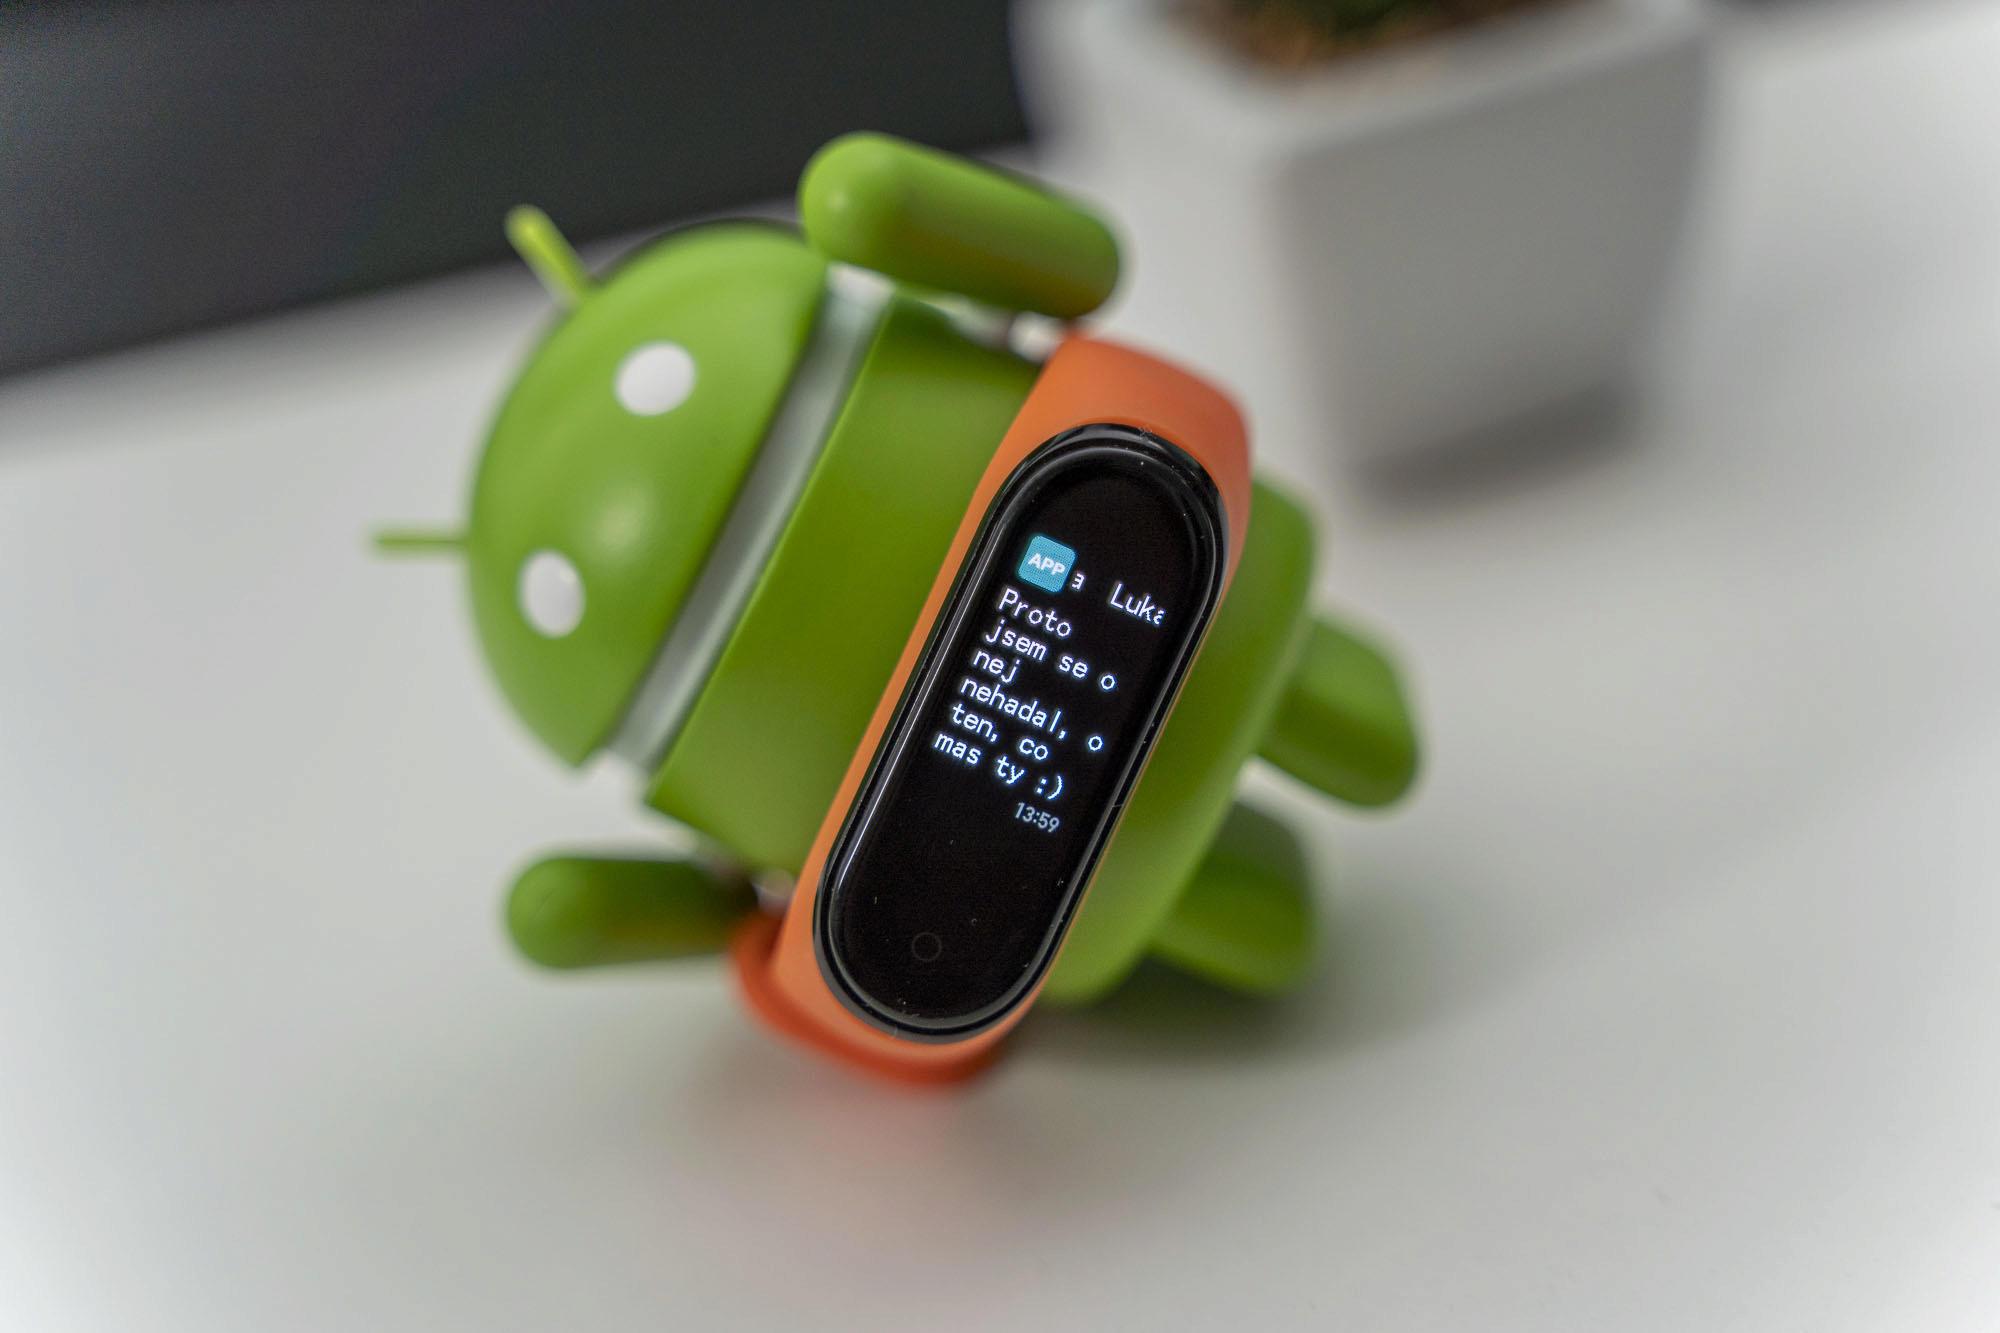 Xiaomi Mi Band 4 a česká diakritika: poradíme, jak na to - Svět Androida